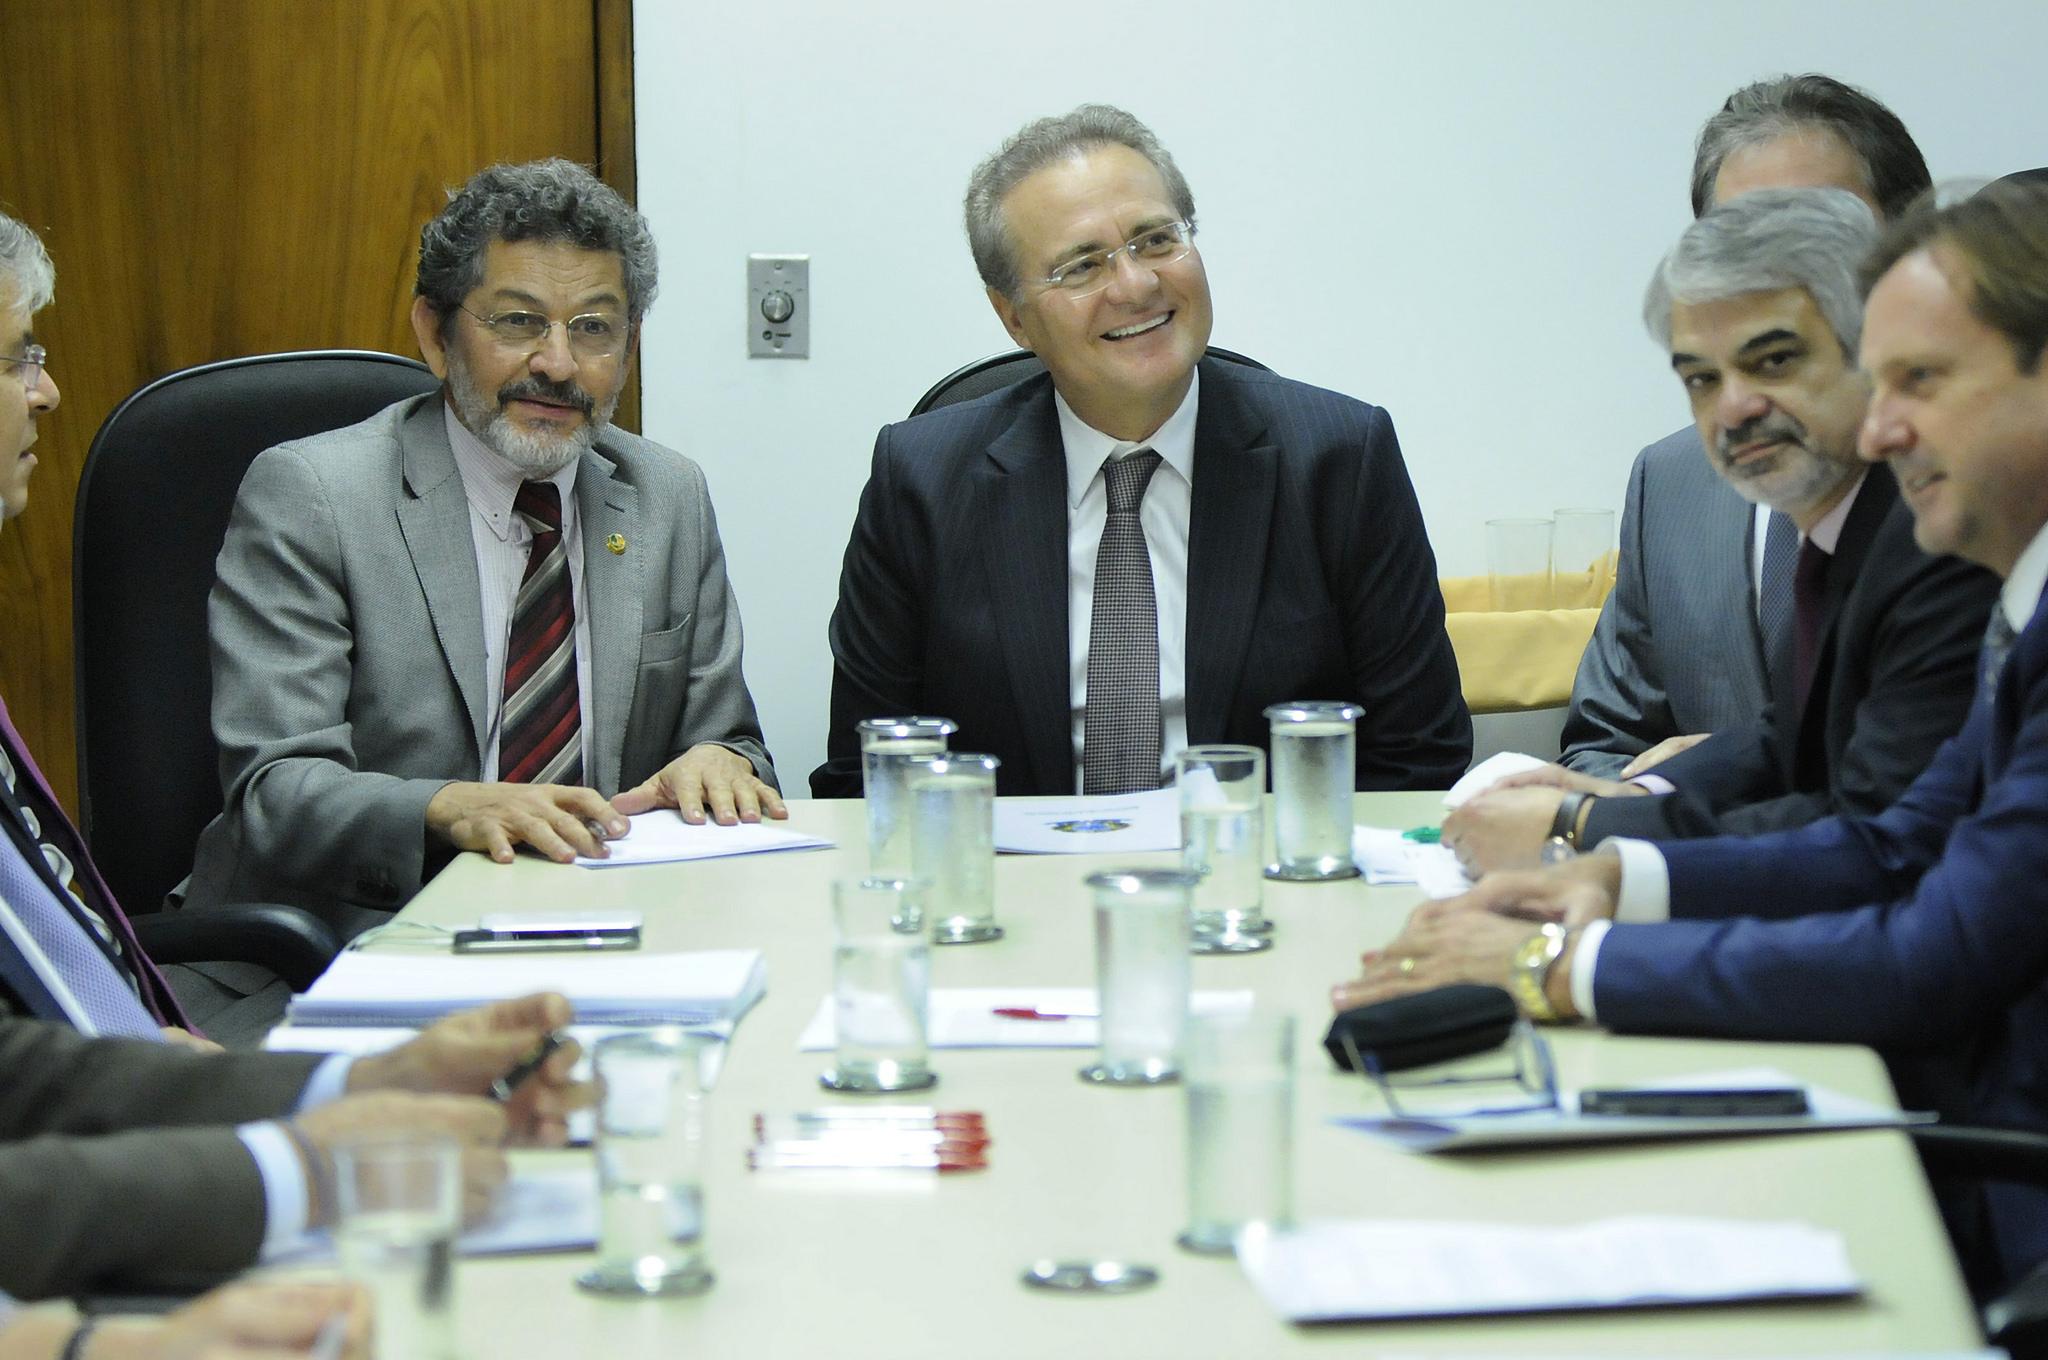 Humberto recebeu presidente do Senado para apresentar pauta da bancada do PT. Foto: Alessandro Dantas/Liderança do PT